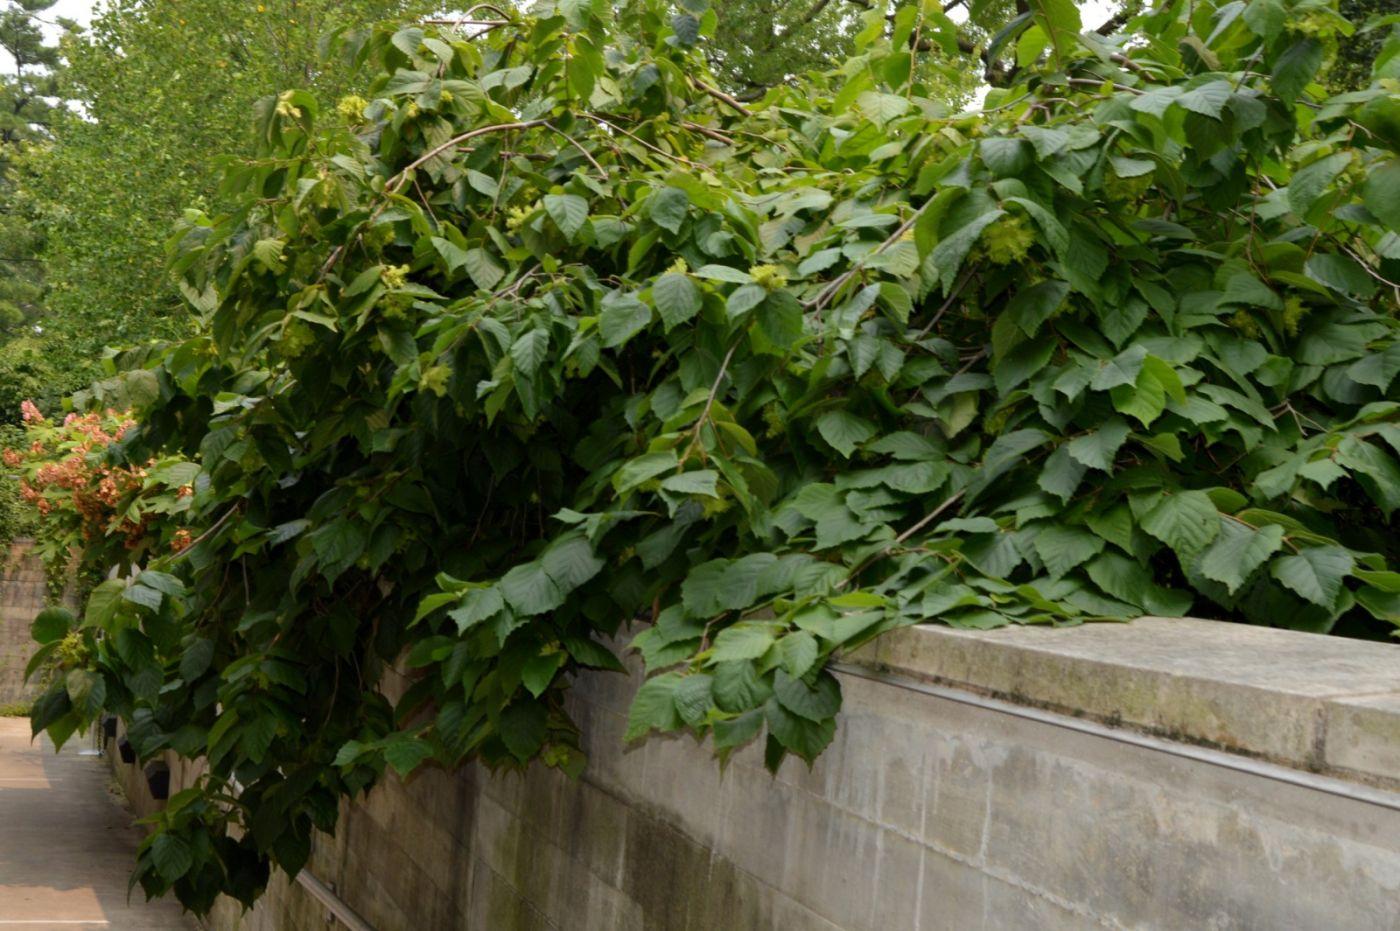 美洲榛子树开花_图1-22